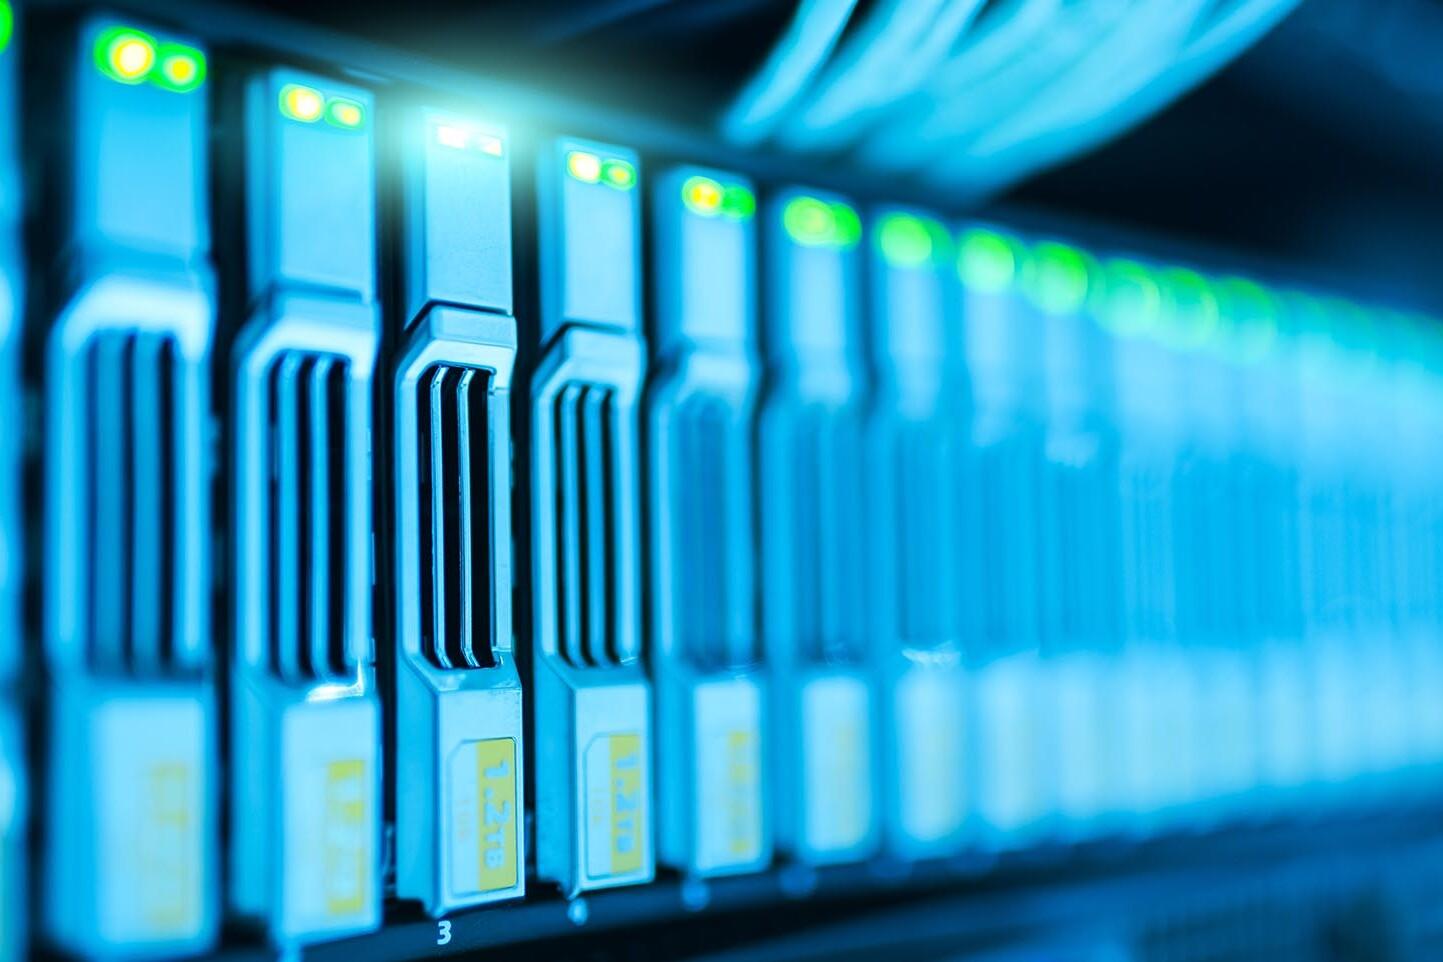 rete informatica aziendale gestita con nas, antivirus e firewall